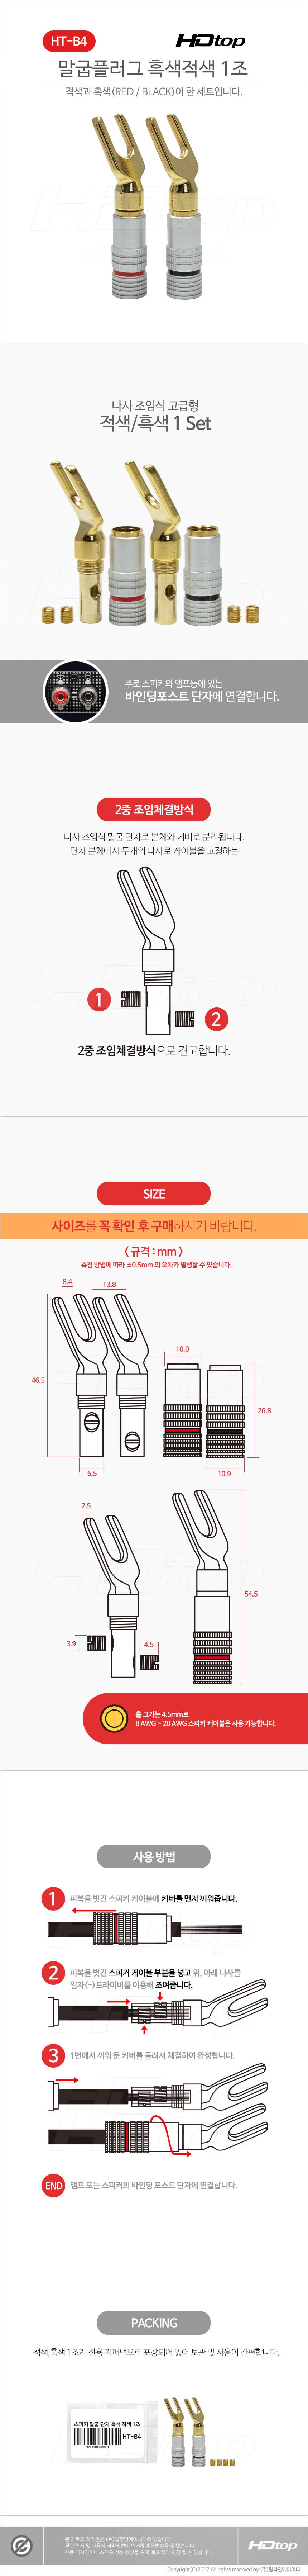 탑라인에이치디 HDTOP 스피커 말굽 단자 흑색 적색 1조 (HT-B4)